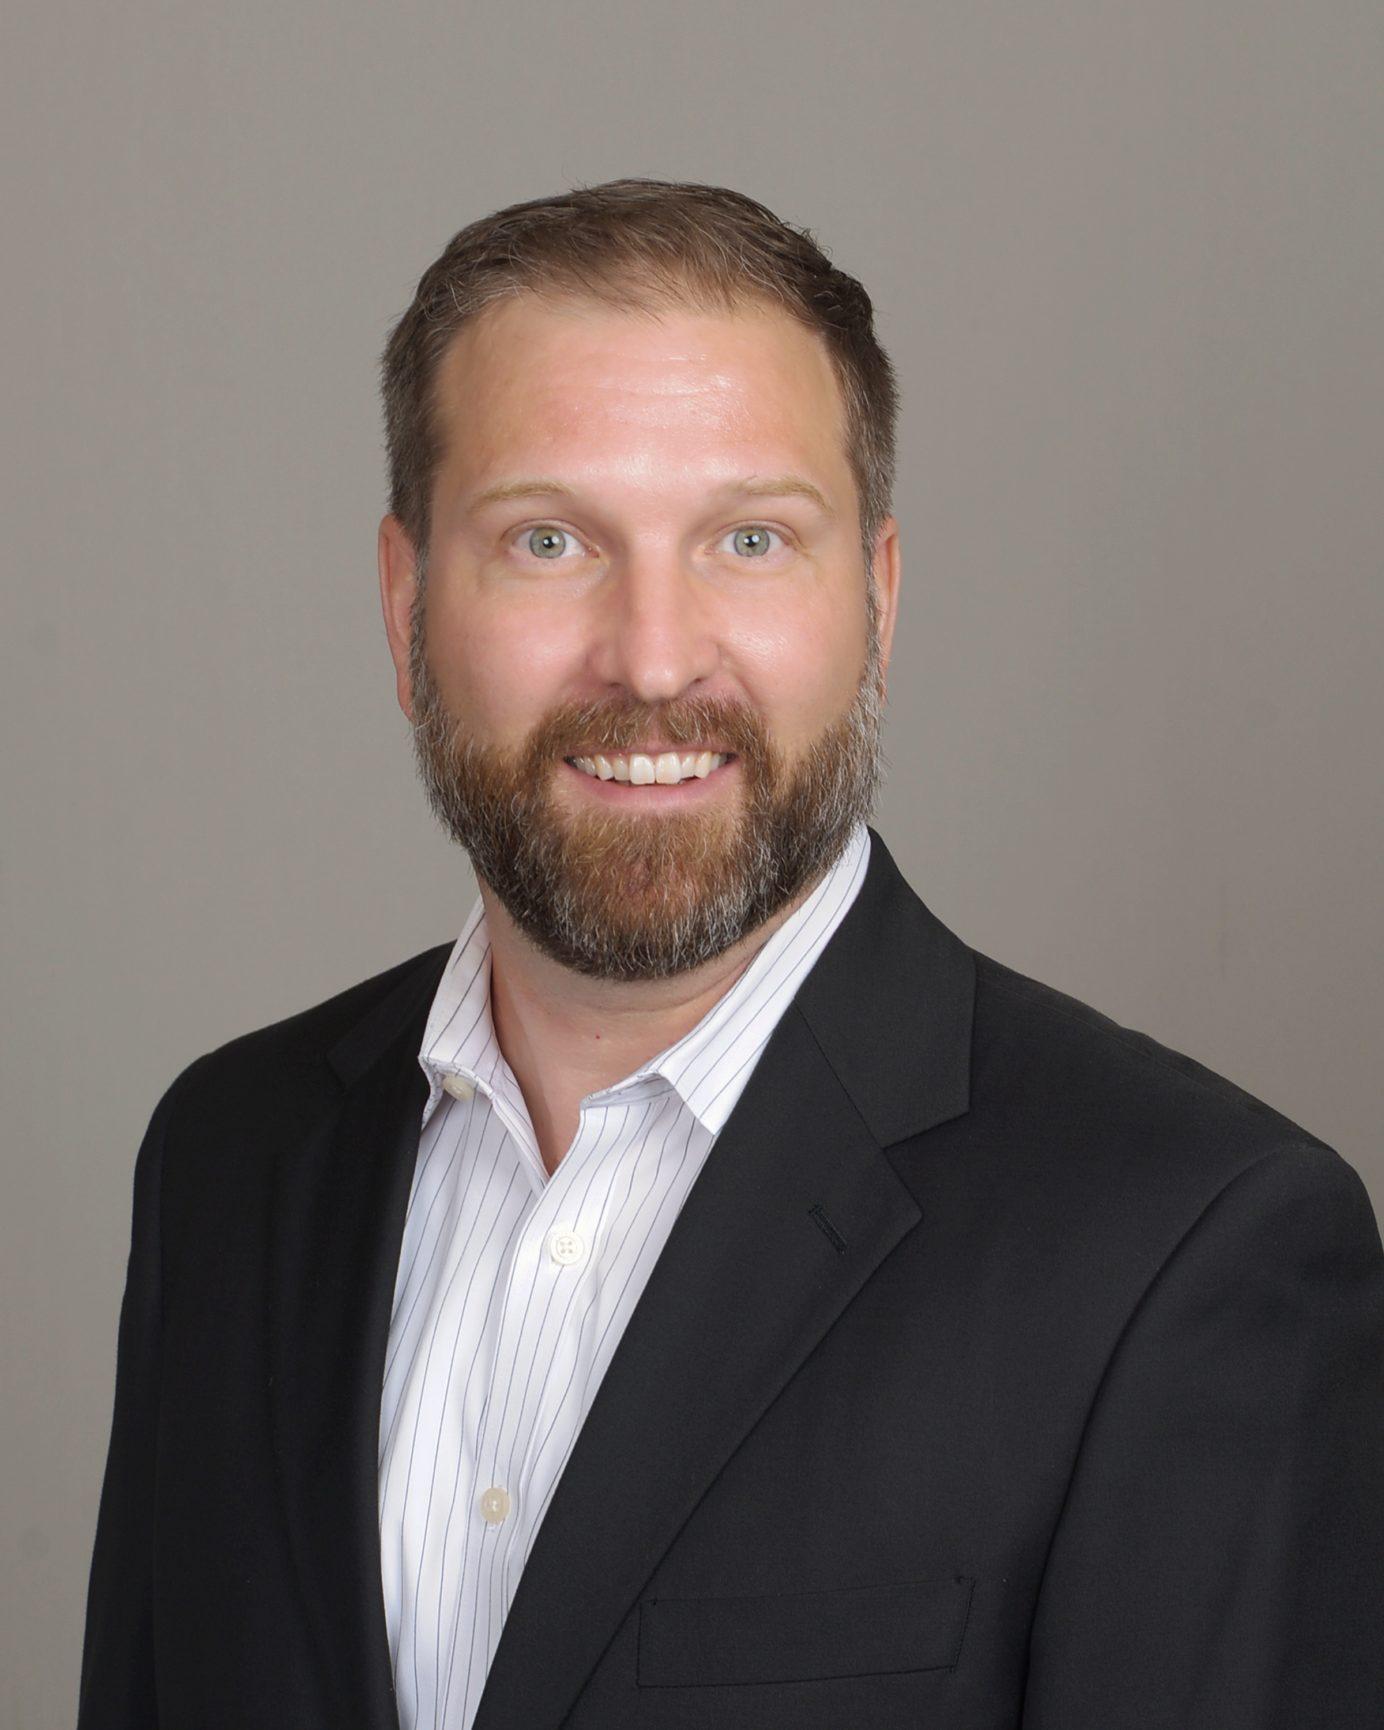 Steven Fipke, Business Development Manager